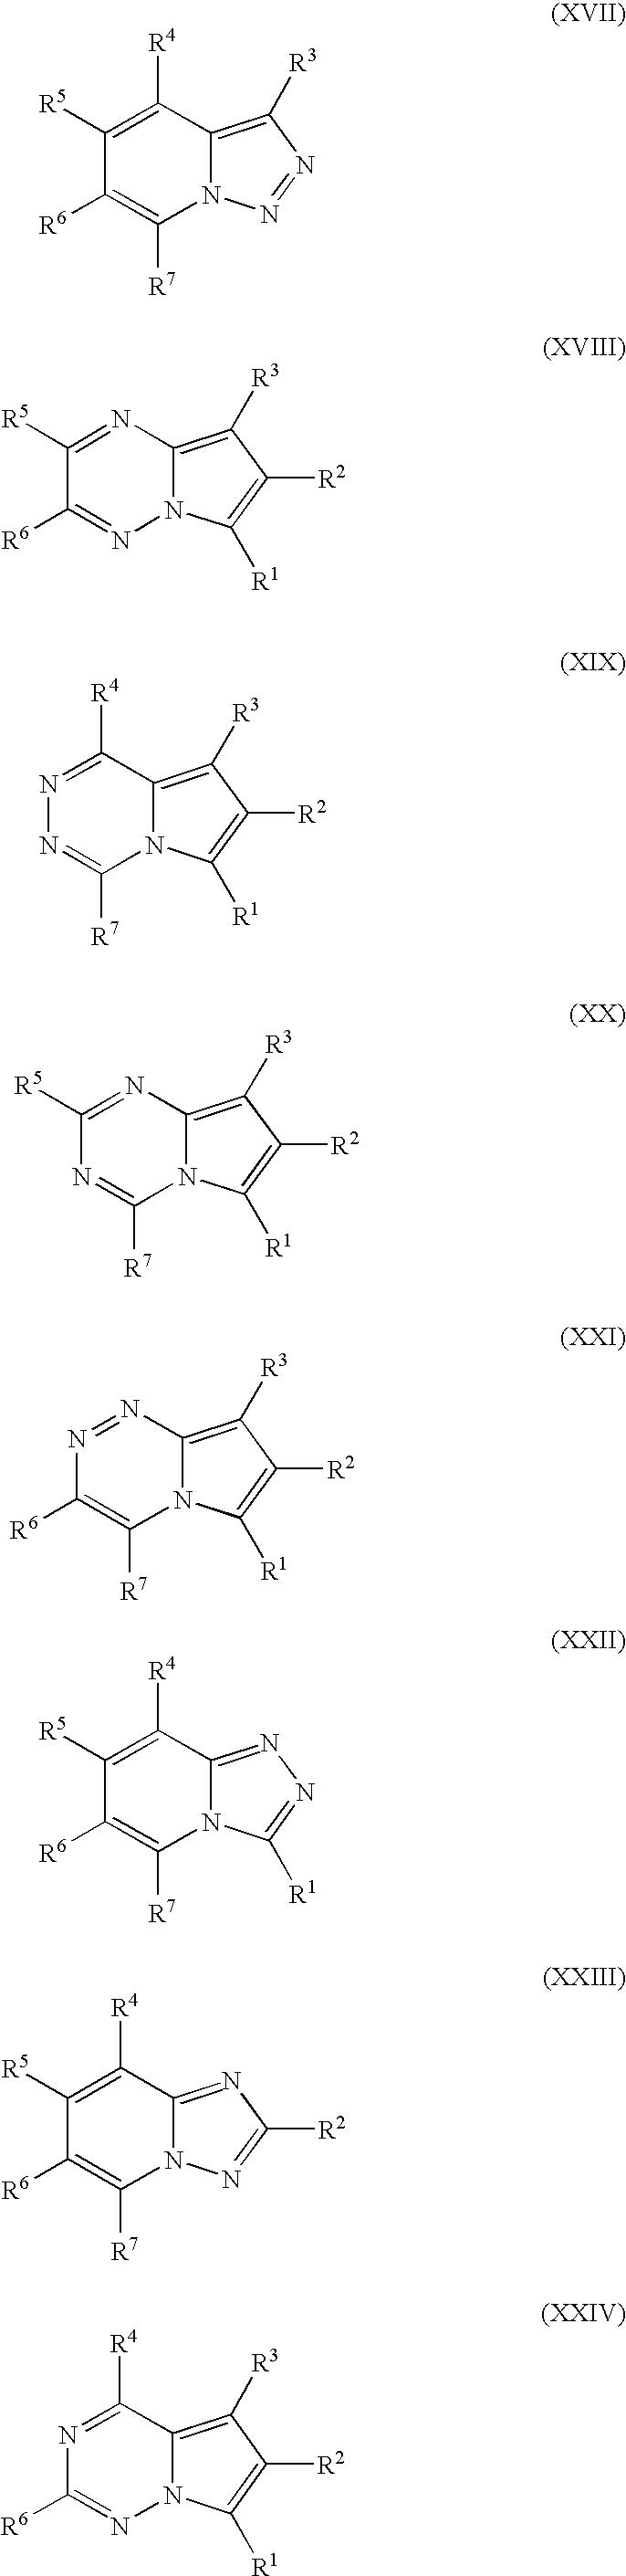 Figure US20060156483A1-20060720-C00010